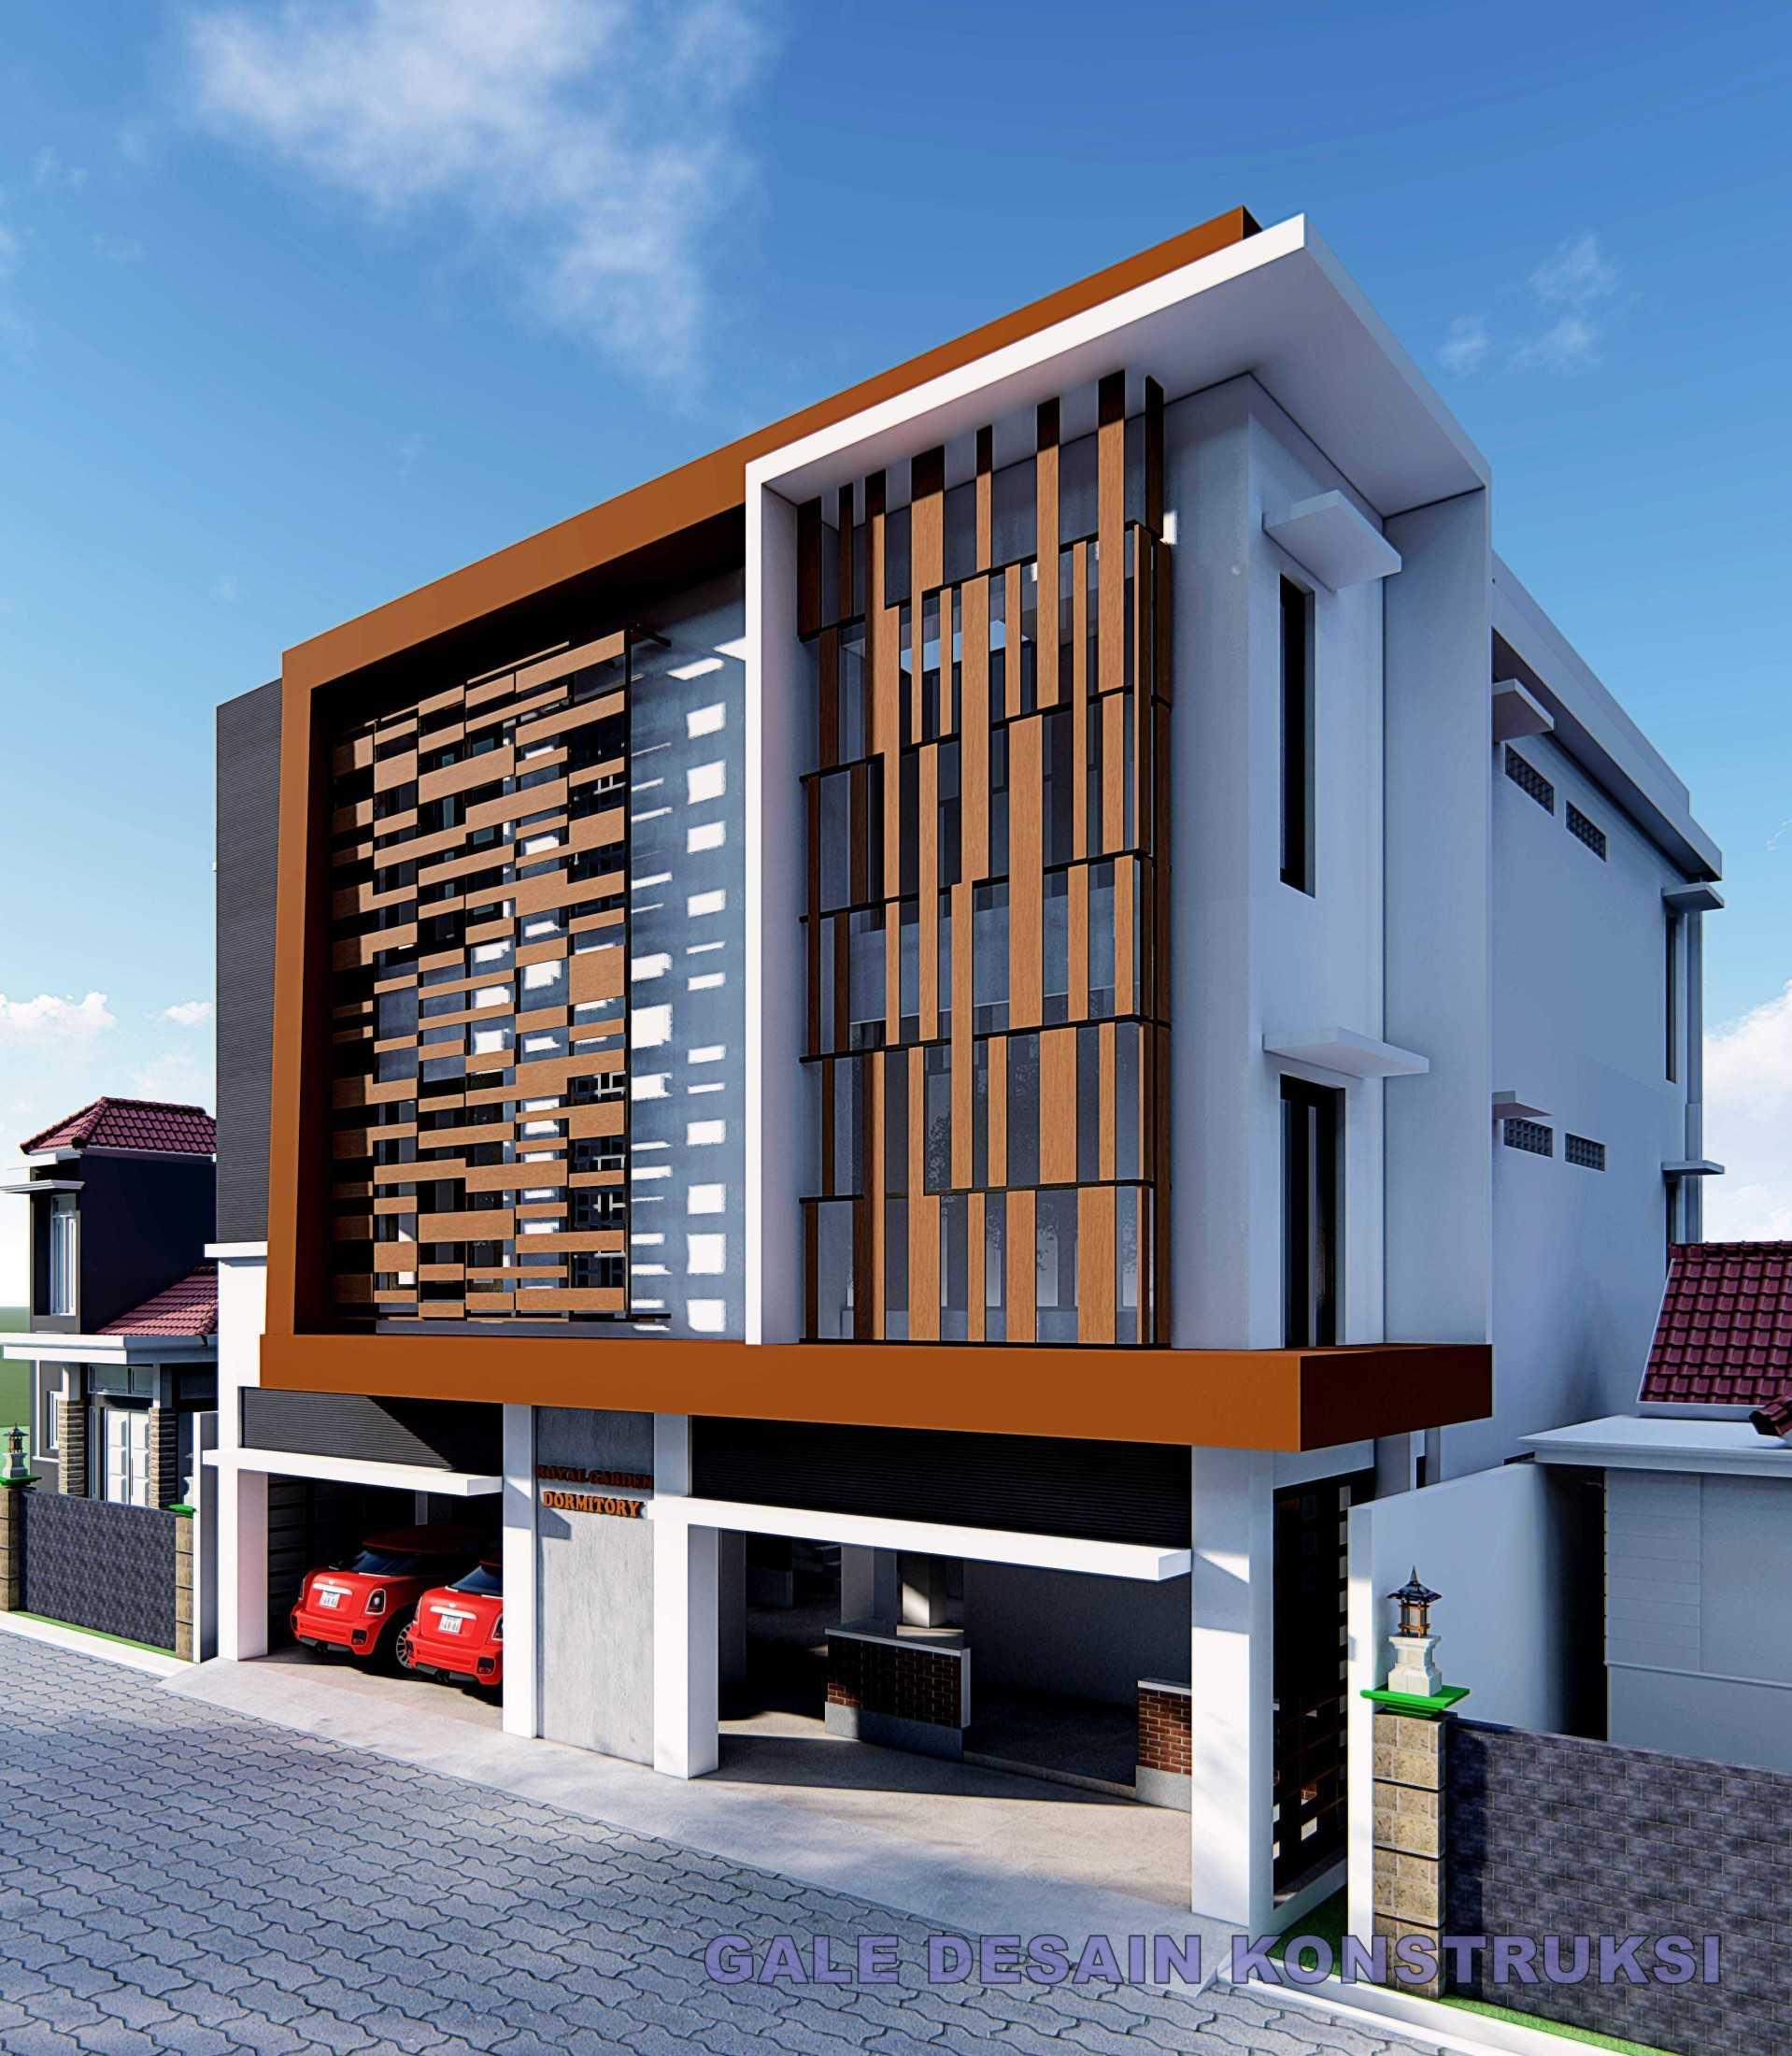 Gale Desain Konstruksi di Mataram